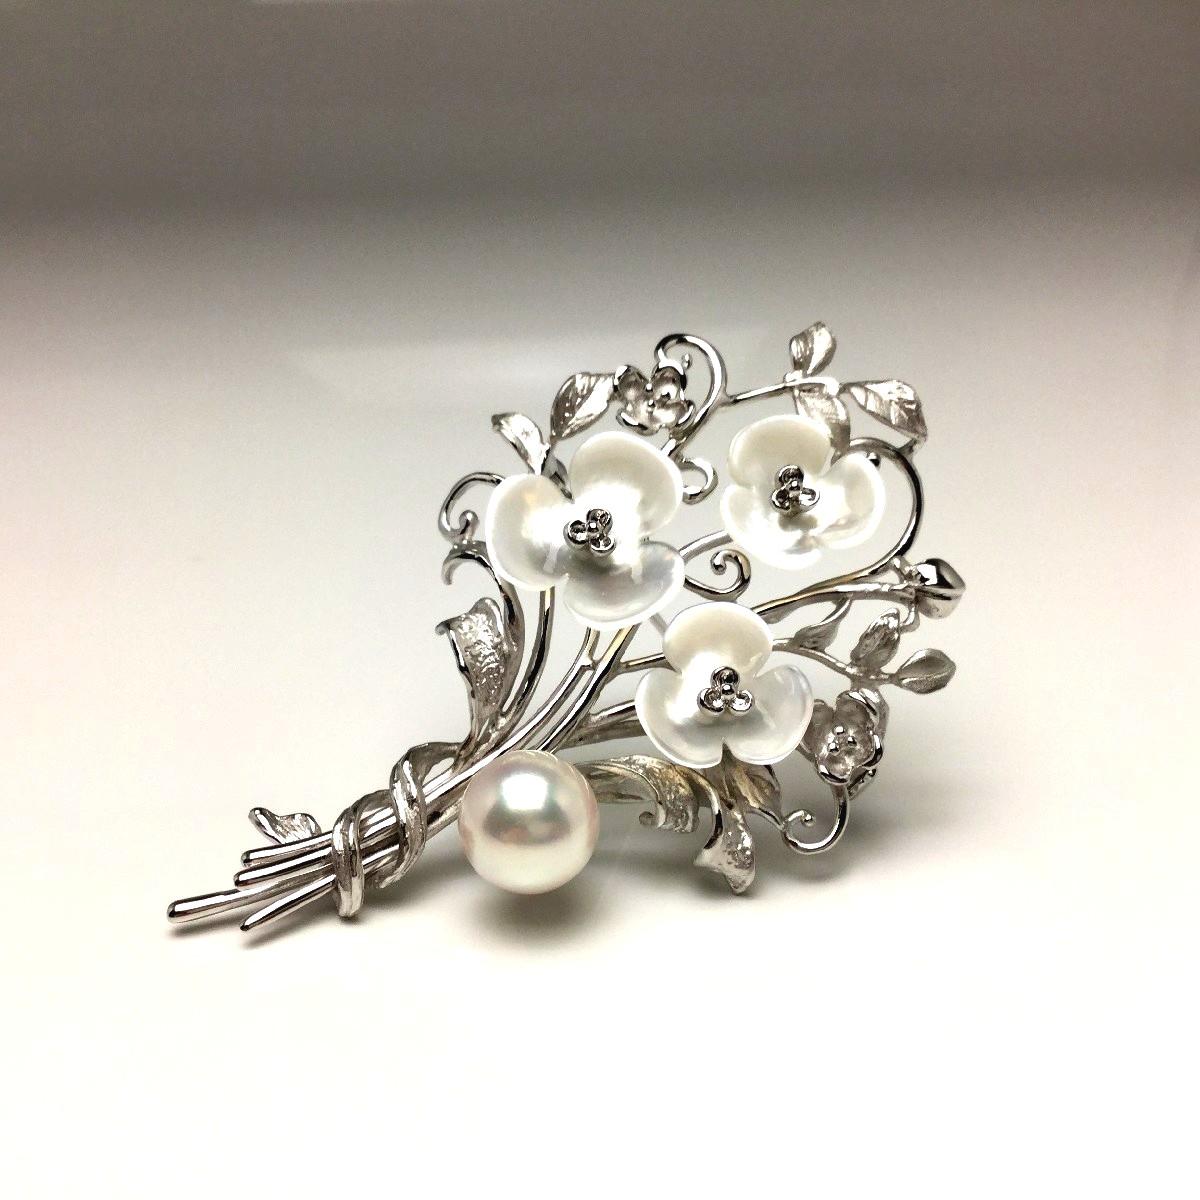 【10%OFF】真珠 ブローチ パール アコヤ真珠 9.4mm ホワイトピンク シルバー シェル フラワー 植物 67091 イソワパール